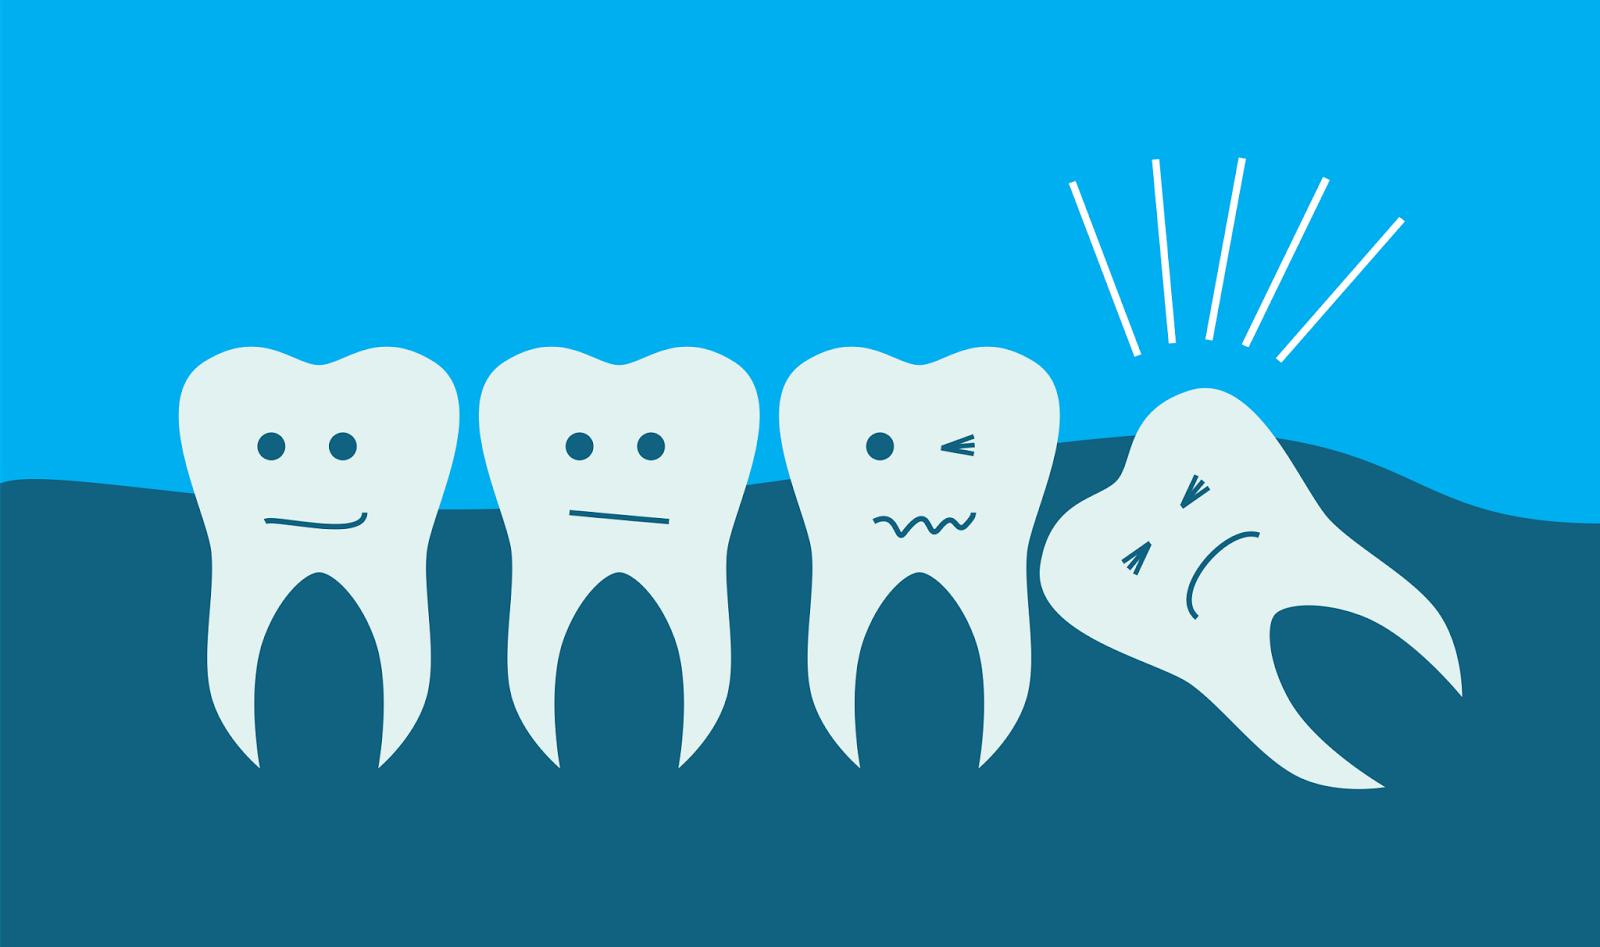 Segundo evolucionistas, o dente siso prova a evolução